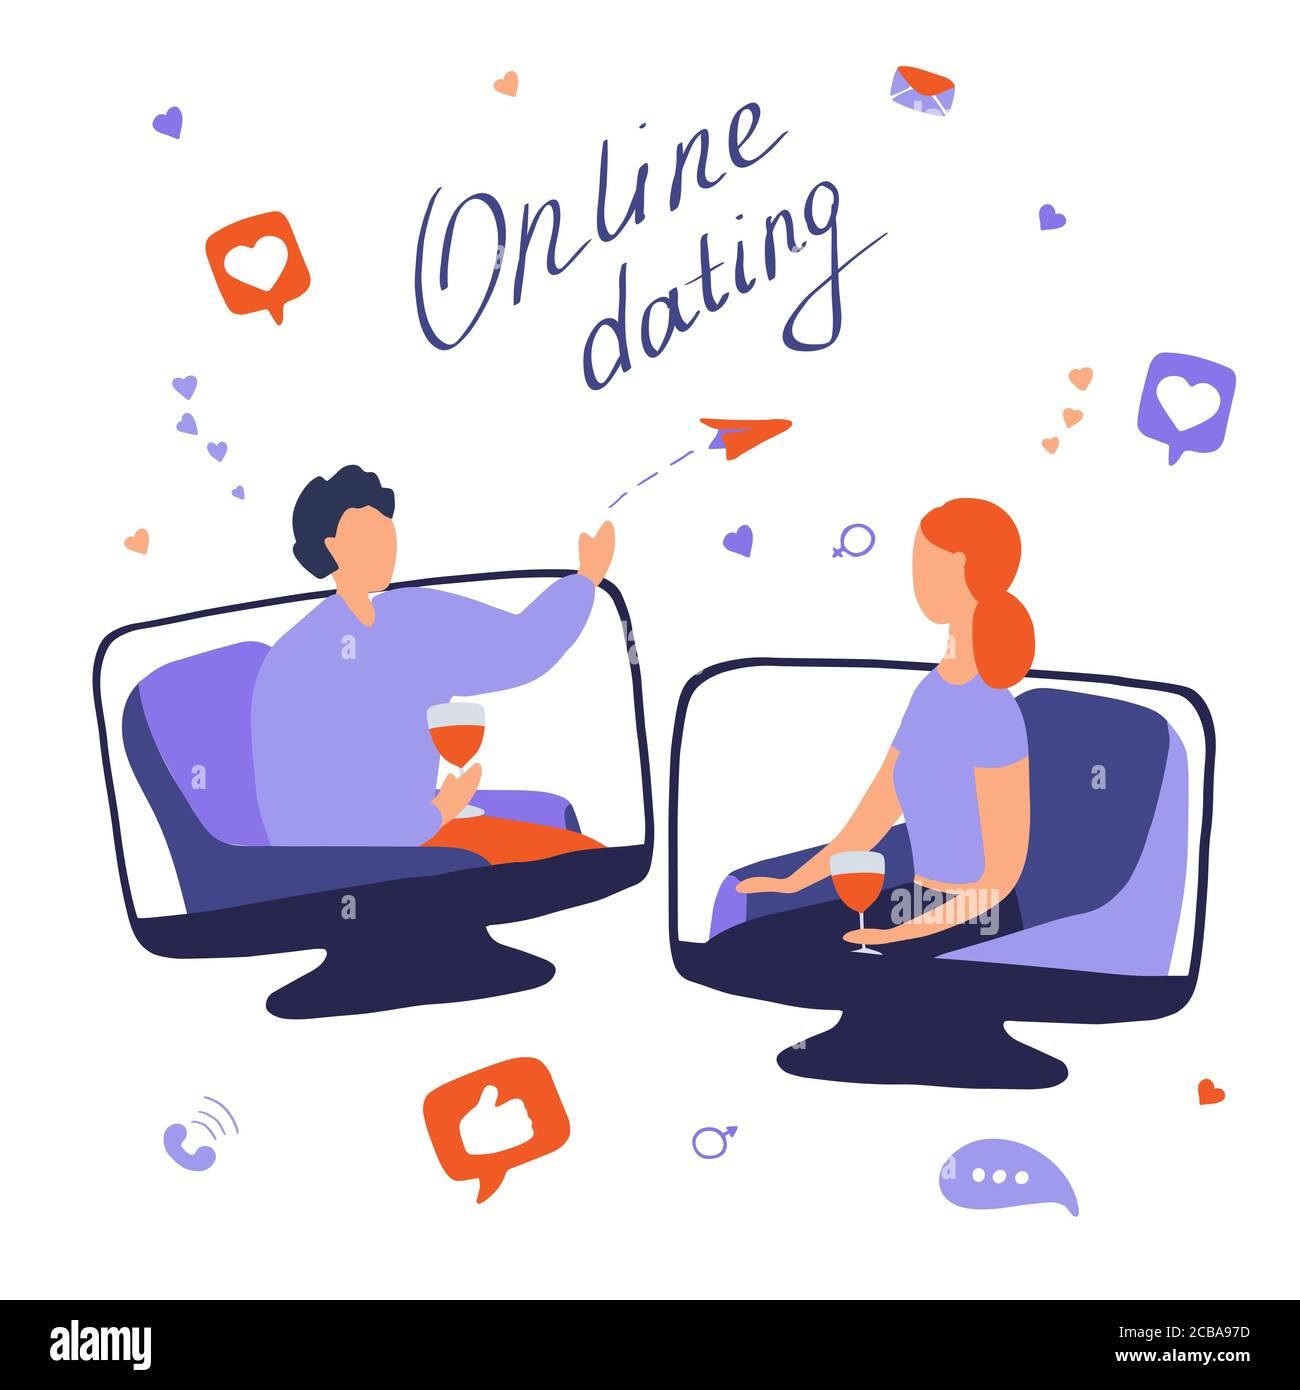 Concepto de citas en línea. Mujer joven y hombre hablando en línea. Pareja se reunió en el sitio de citas y comunicarse en Internet. Relaciones de larga distancia Ilustración del Vector